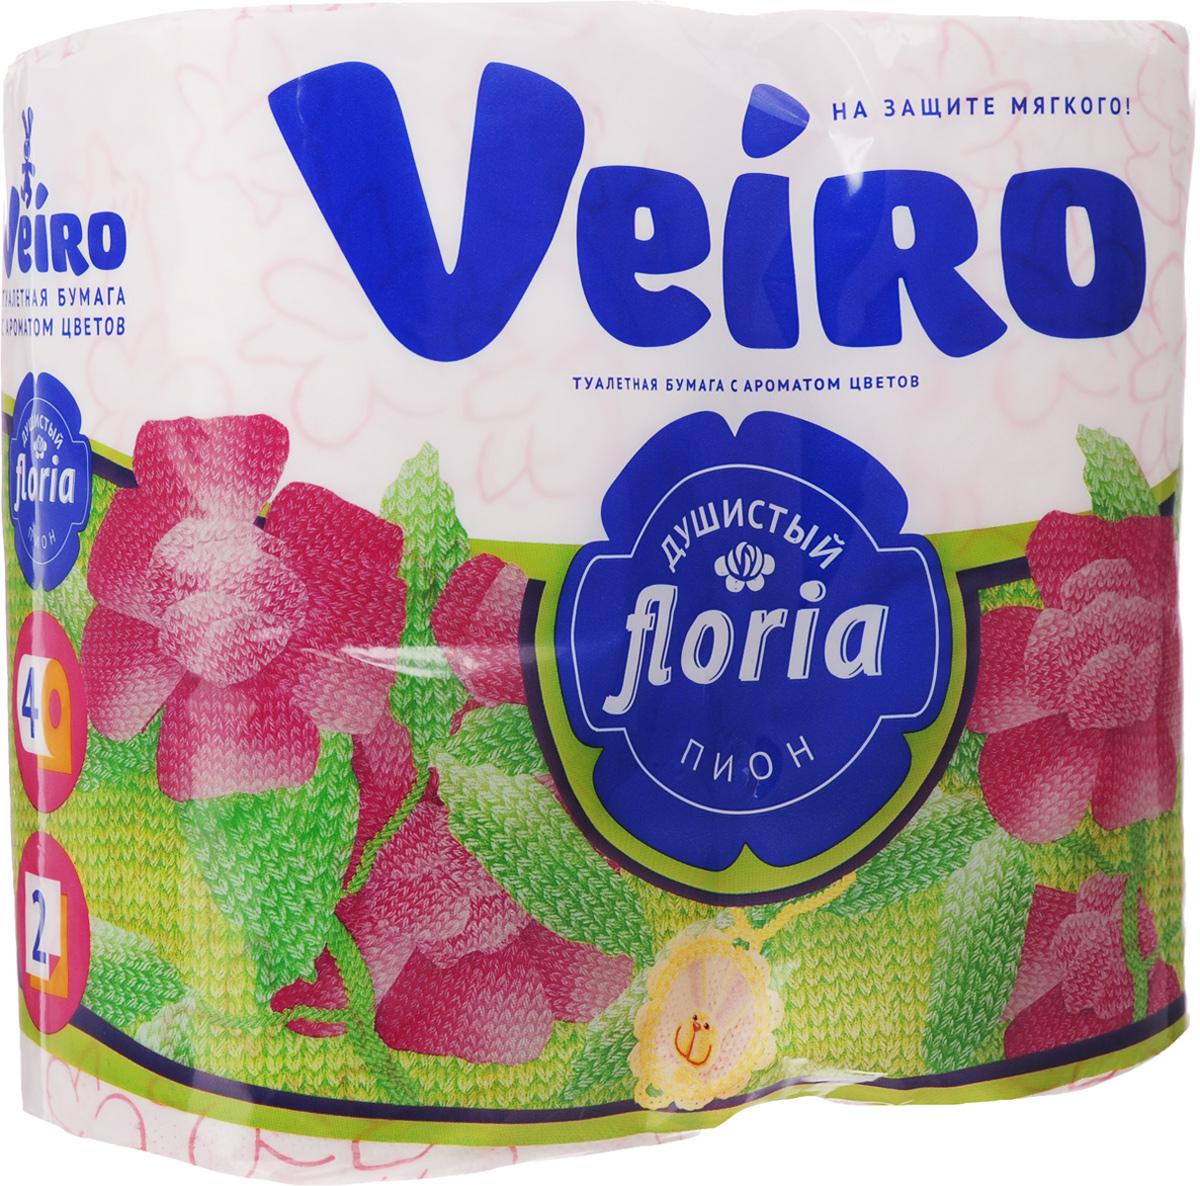 Бумага туалетная Veiro Floria. Душистый пион, ароматизированная, двухслойная, 4 рулона10503Ароматизированная туалетная бумага Veiro Floria. Душистый пион, выполненная из натуральной целлюлозы и обладает приятным ароматом цветов. Двухслойная туалетная бумага мягкая, нежная, но в тоже время прочная, с отрывом по линии перфорации. Листы имеют рисунок с тиснением.Длина рулона: 21,9 м. Количество слоев: 2.Размер листа: 12,5 х 9,5 см. Состав: 100% целлюлоза.